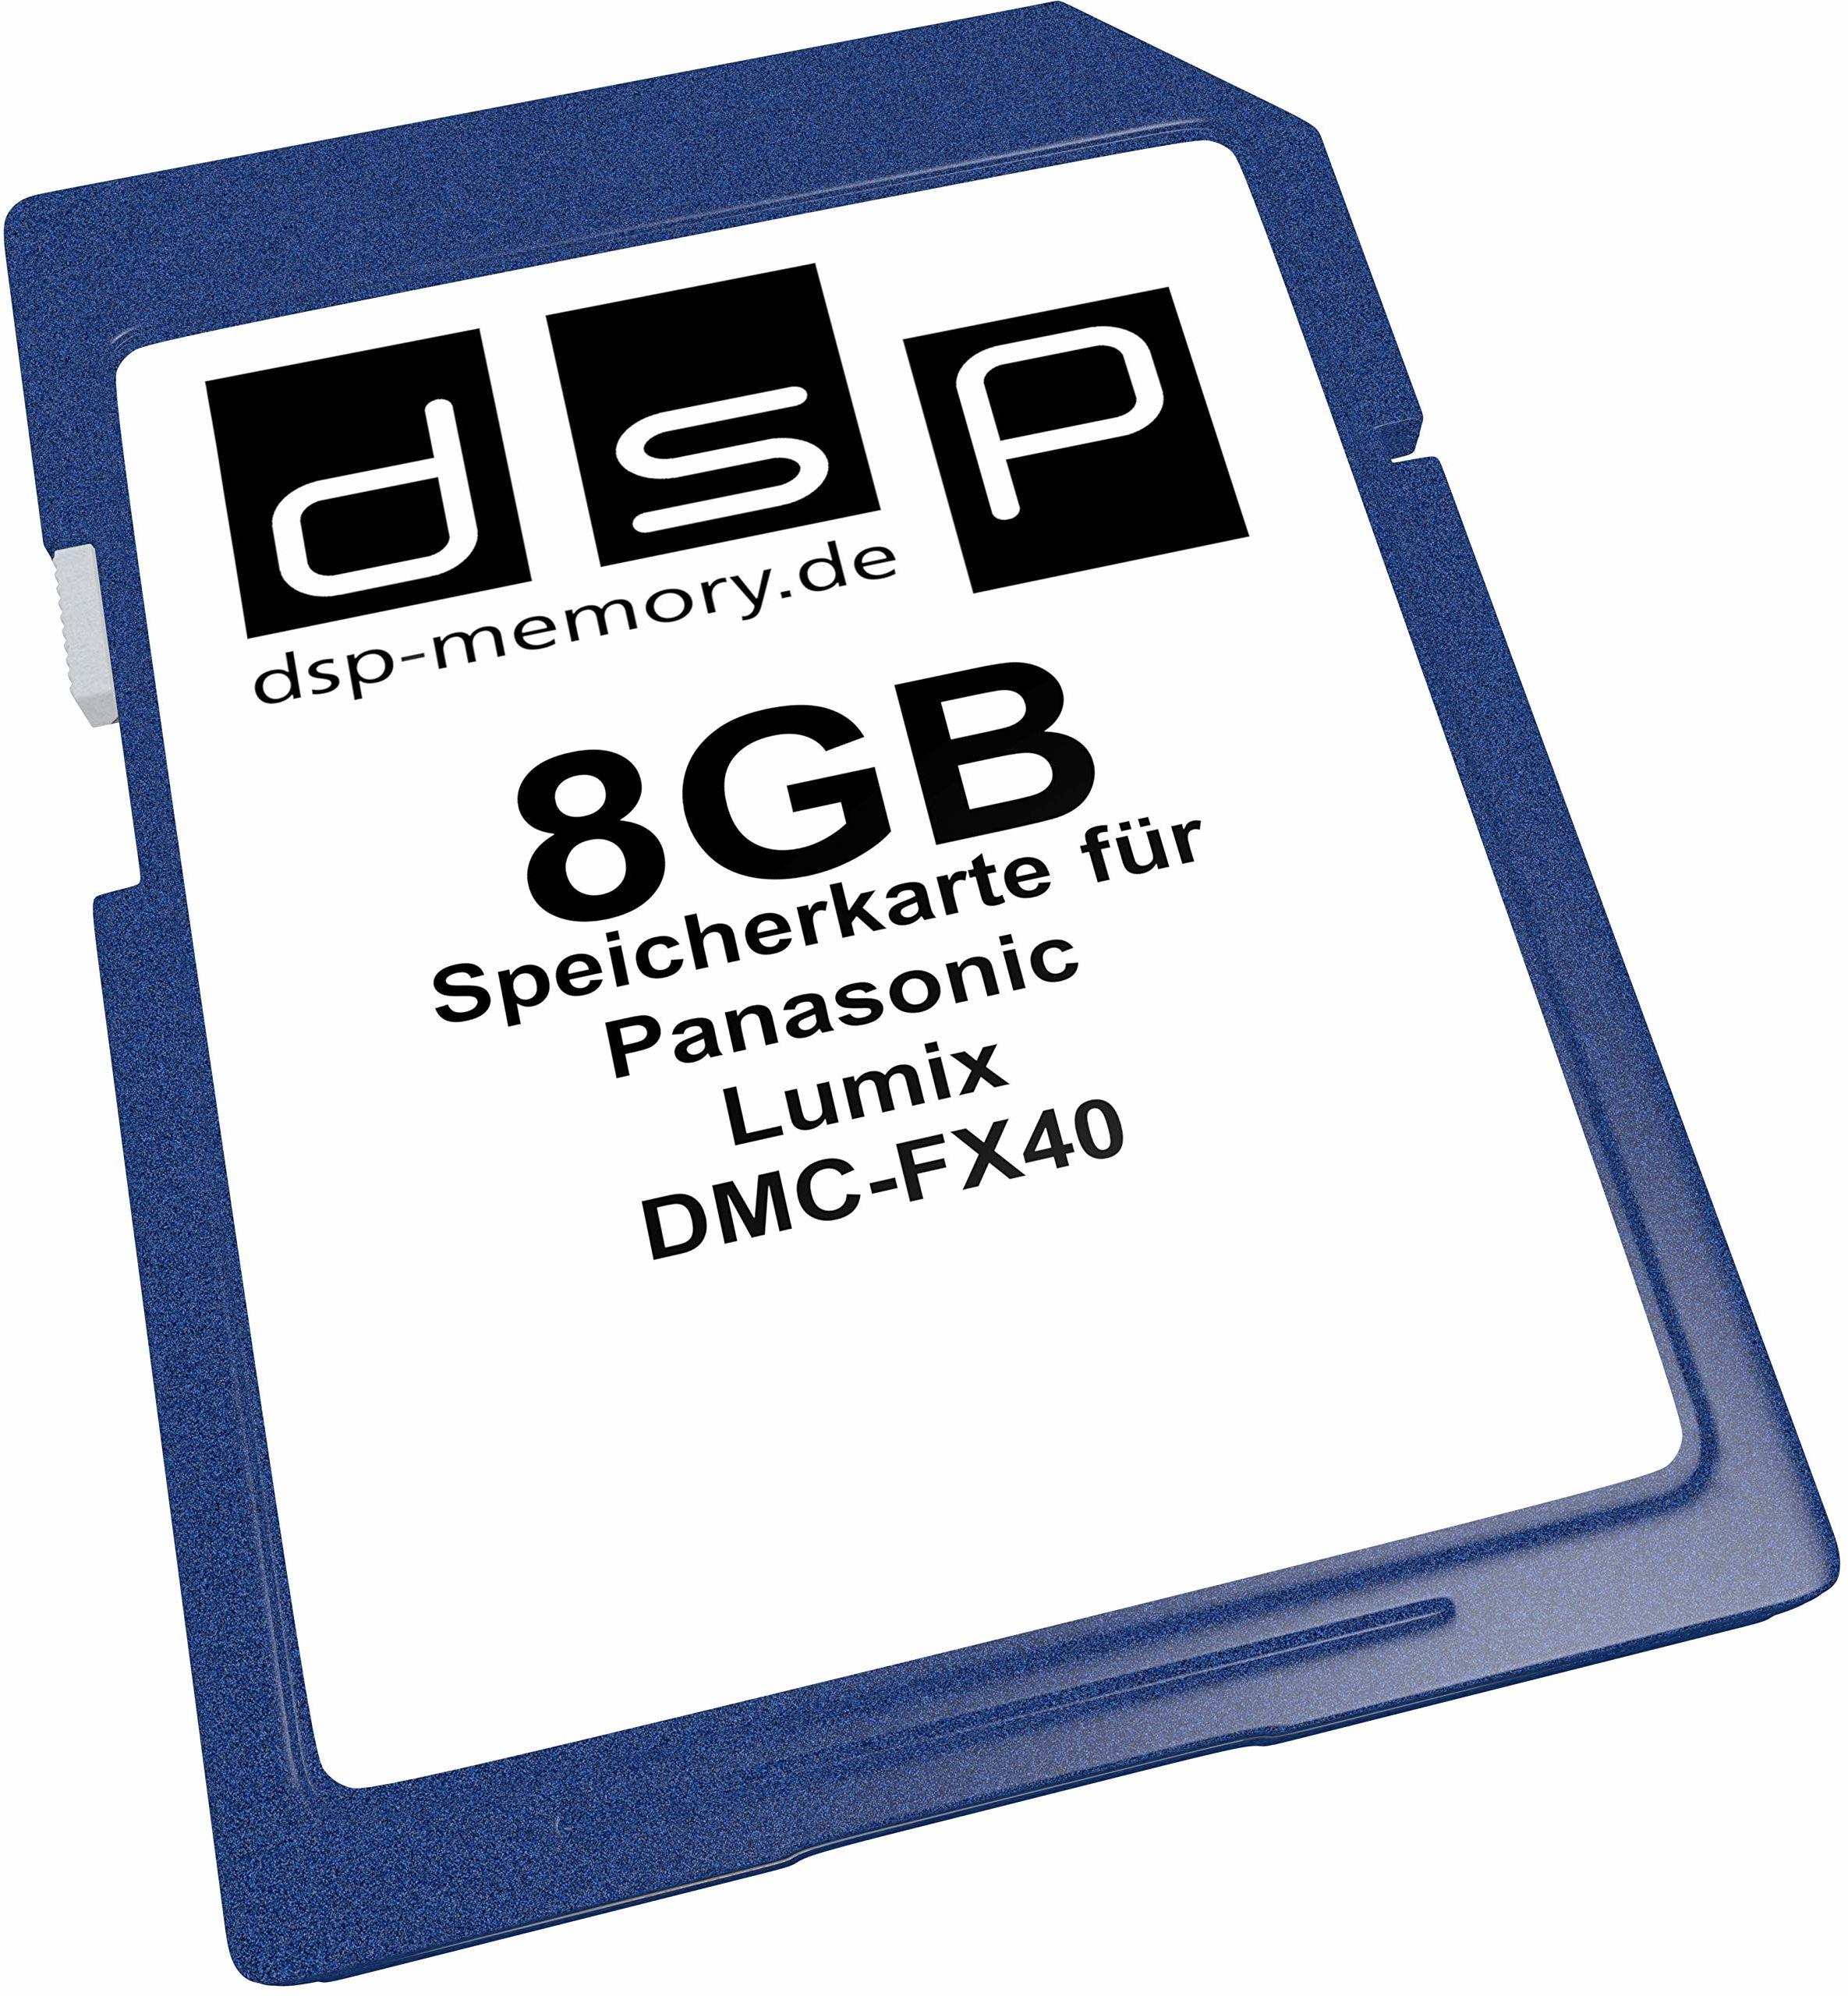 Karta pamięci 8 GB do Panasonic Lumix DMC-FX40